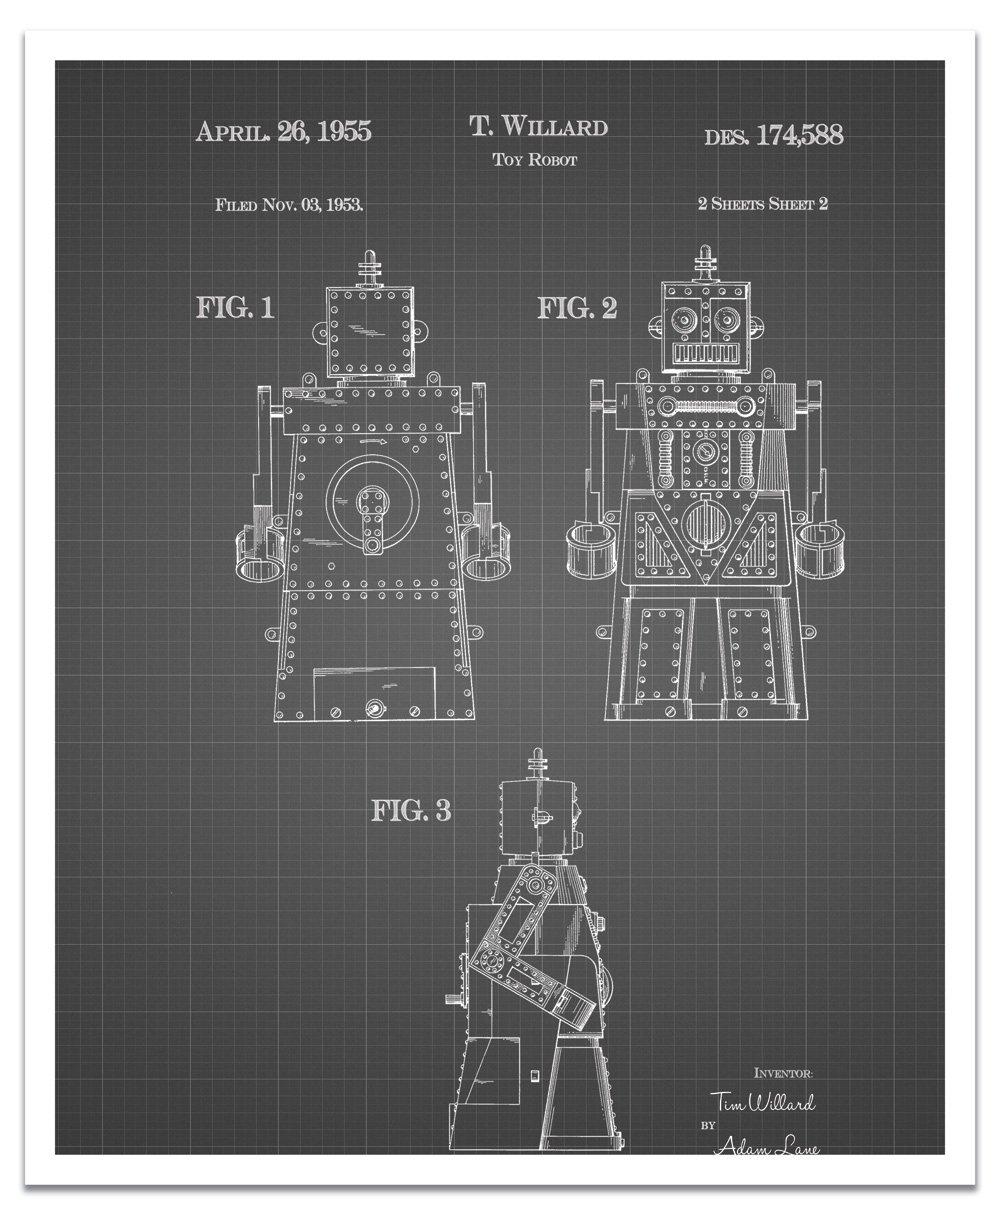 Amazon.com: JP Londres posjsg08 Jetsons Rosie Robot Peel y ...